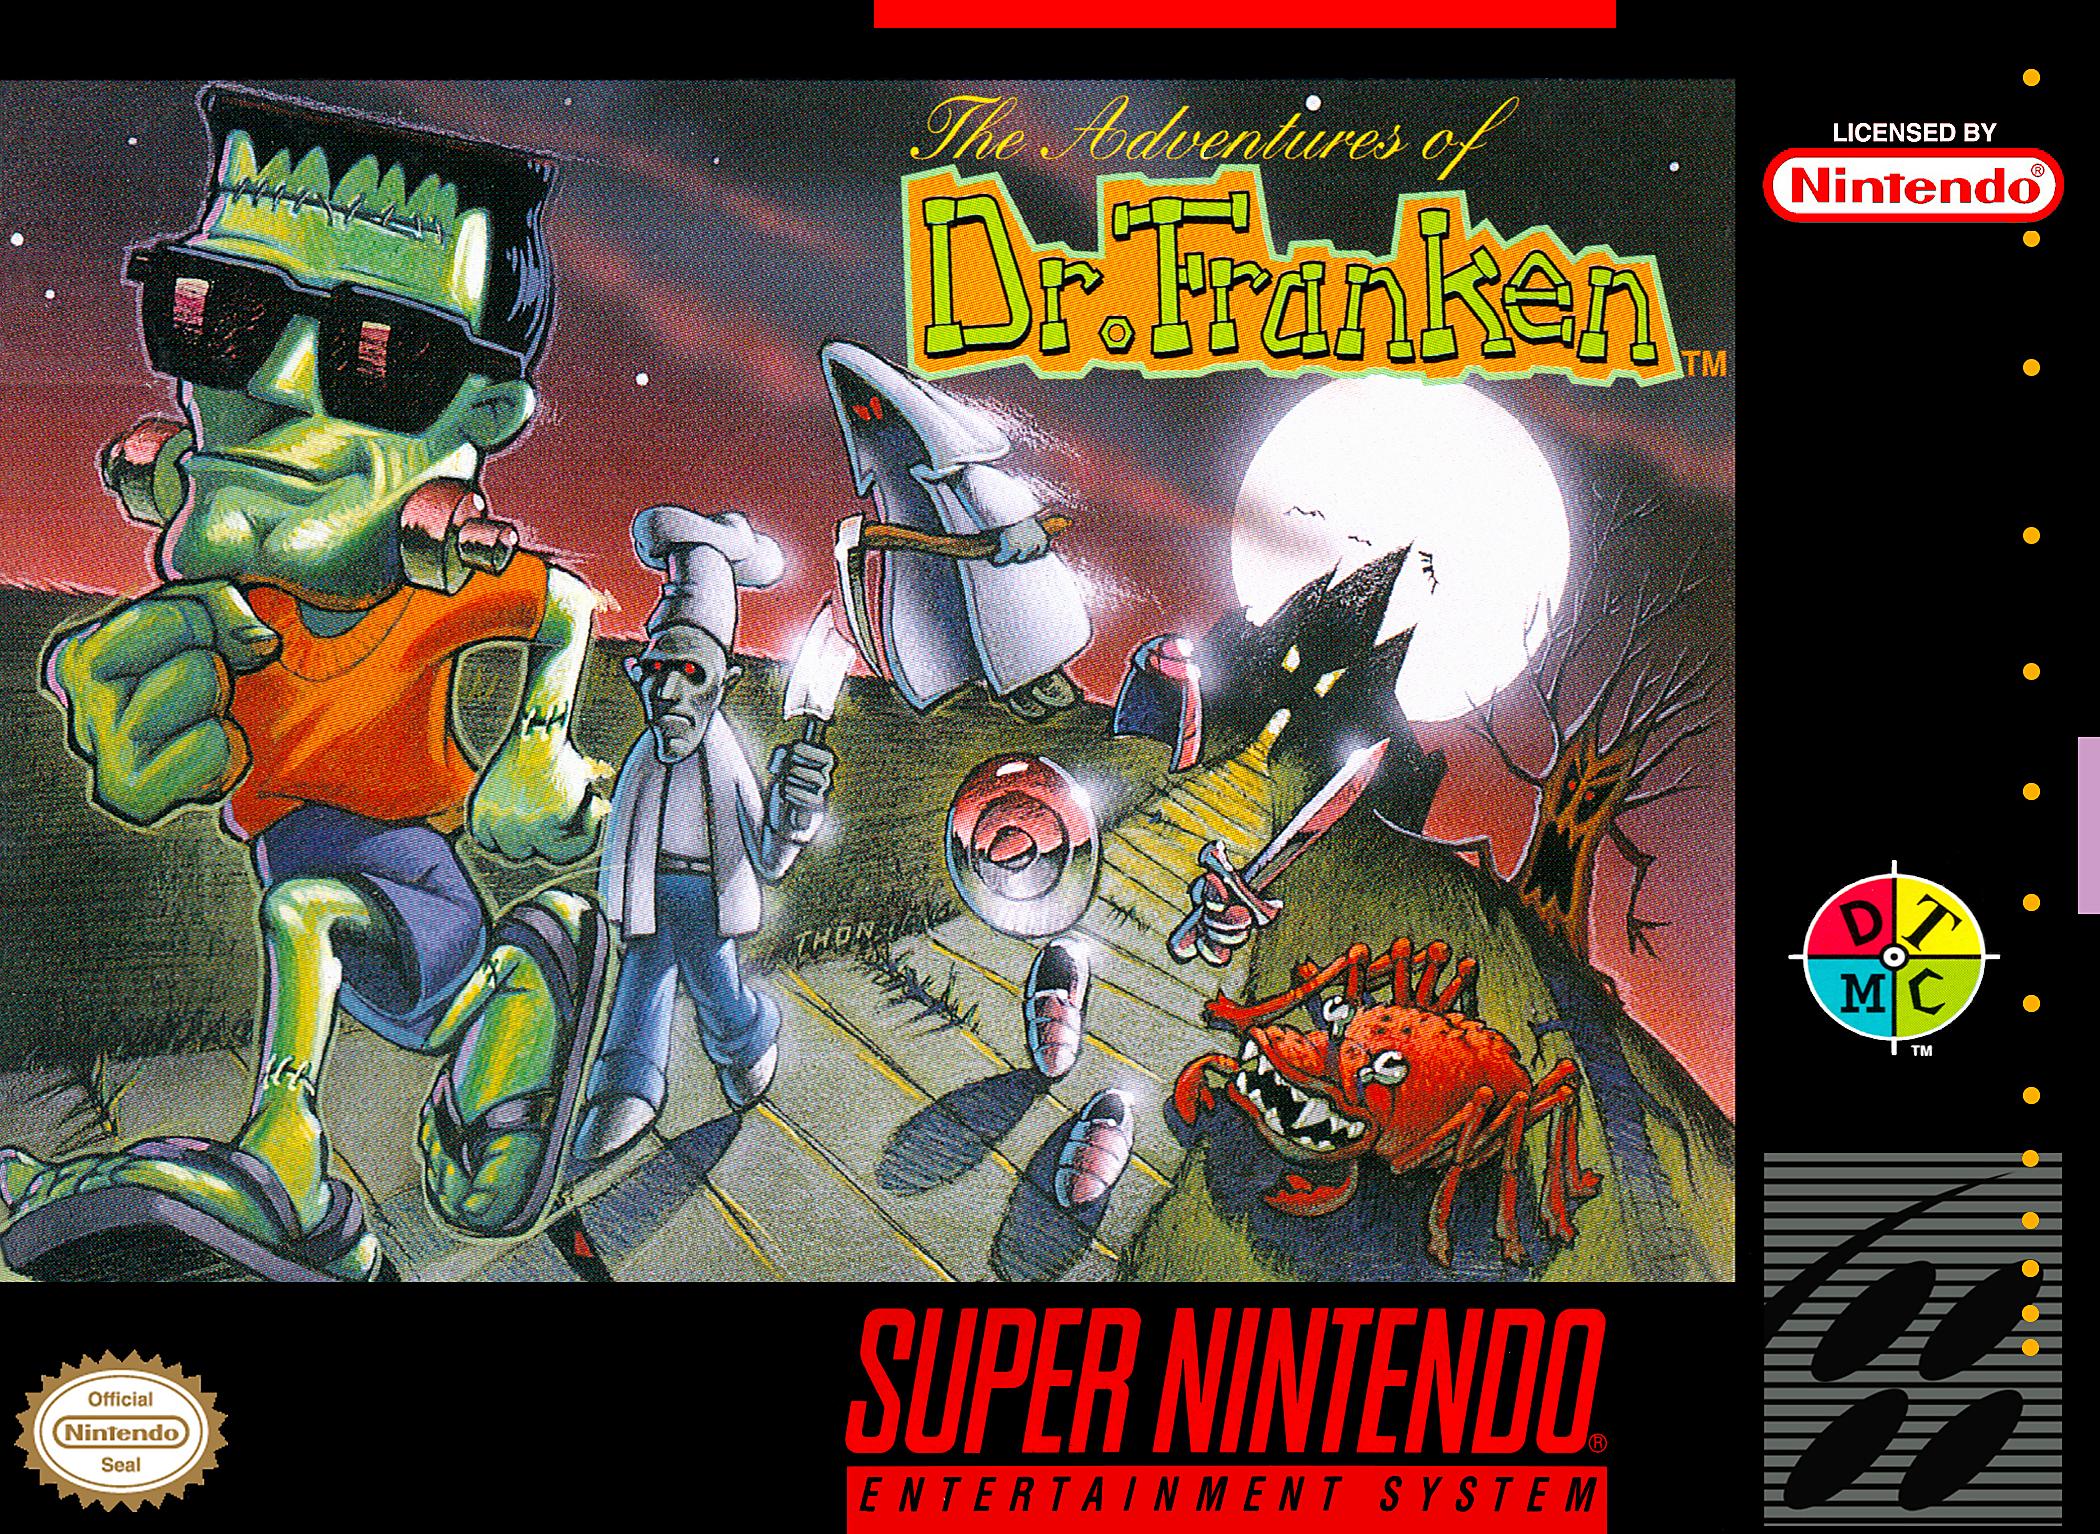 Adventures of Dr. Franken /SNES